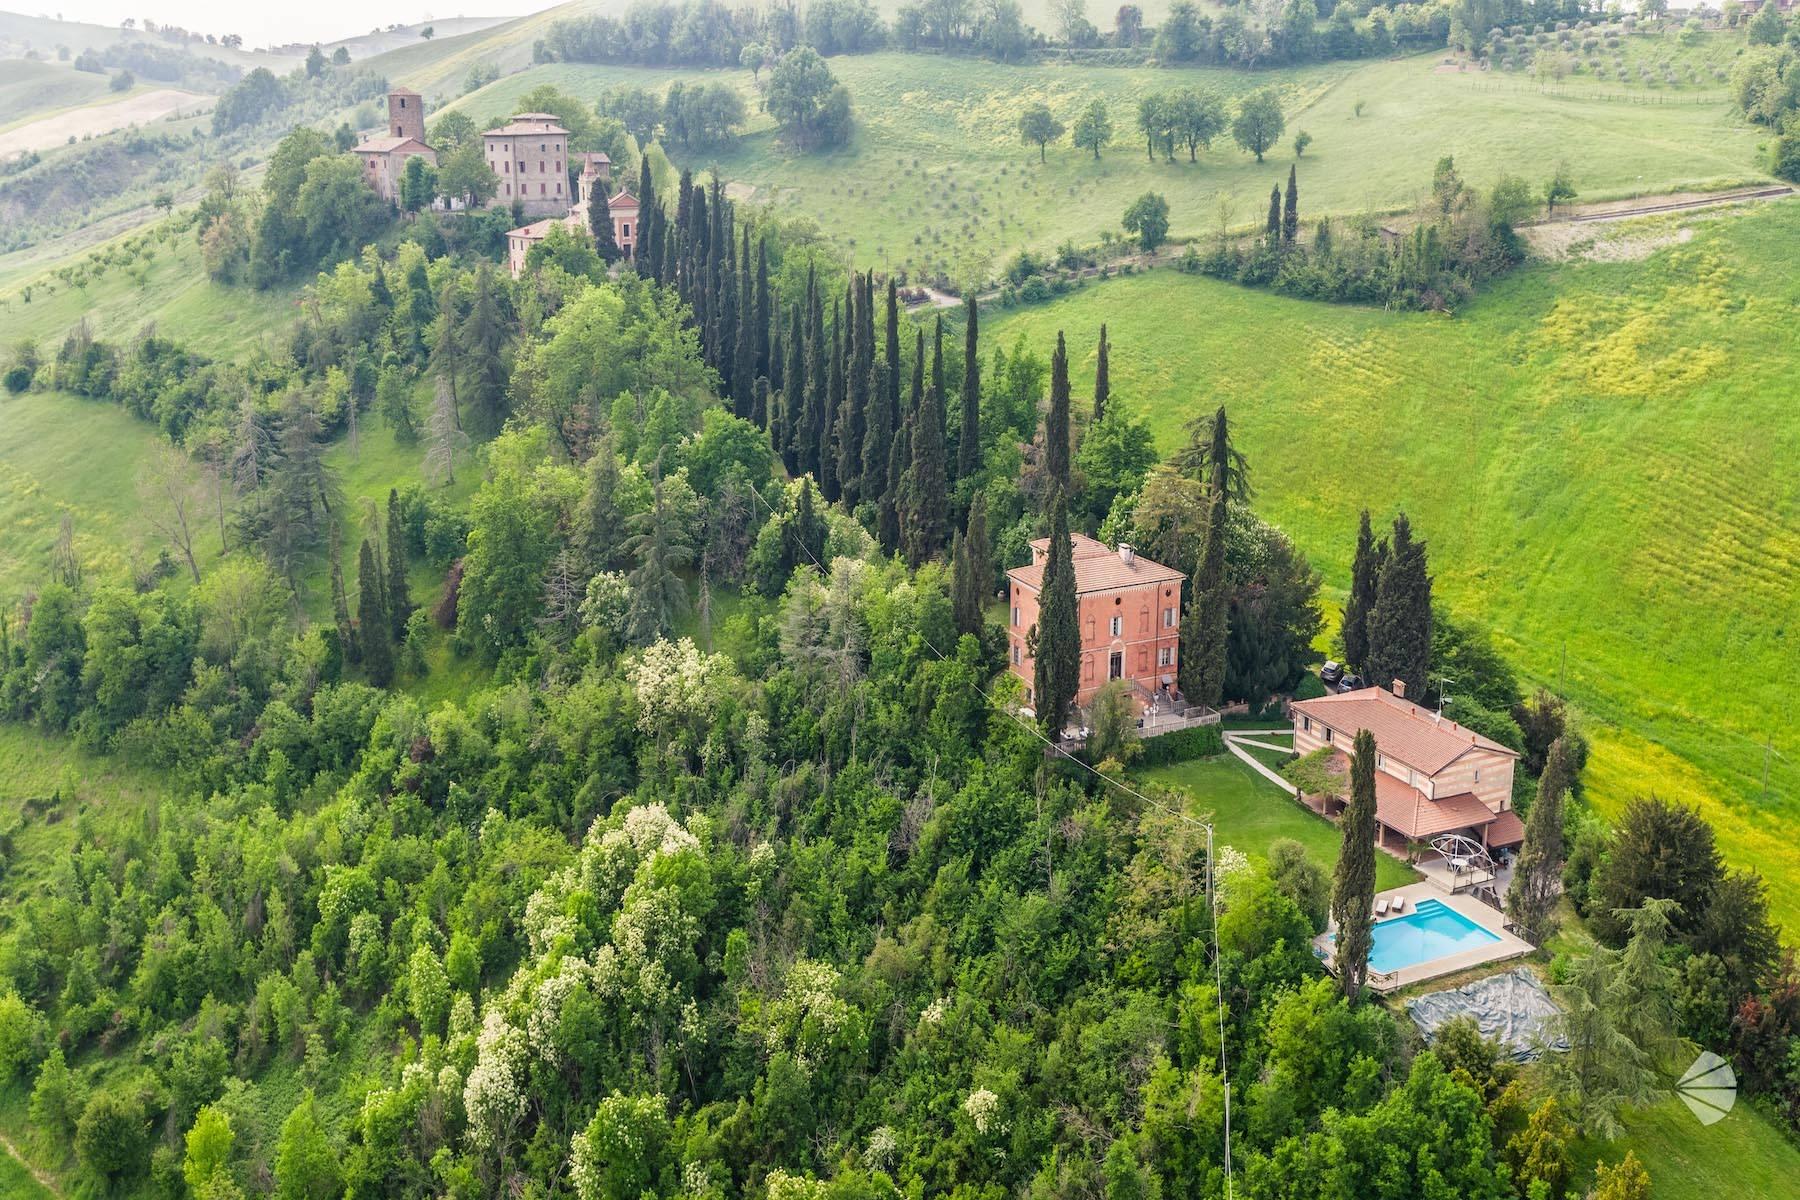 Villa in Vendita a Fiorano Modenese: 5 locali, 470 mq - Foto 21